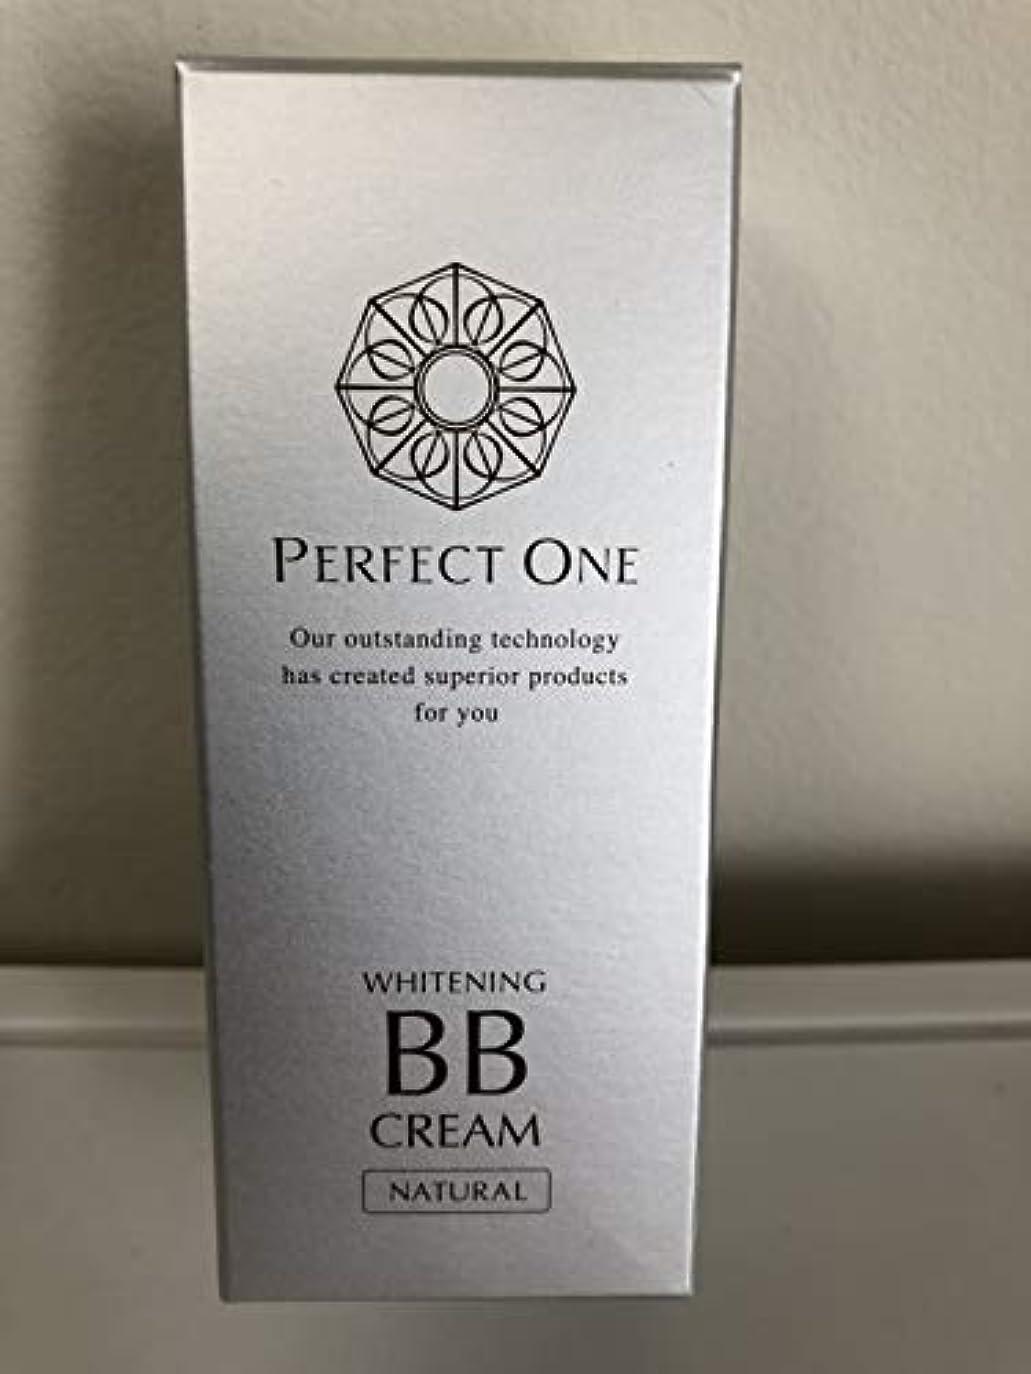 発表する灌漑オーナー新日本製薬 パーフェクトワン 薬用ホワイトニングBBクリーム ナチュラル 25g